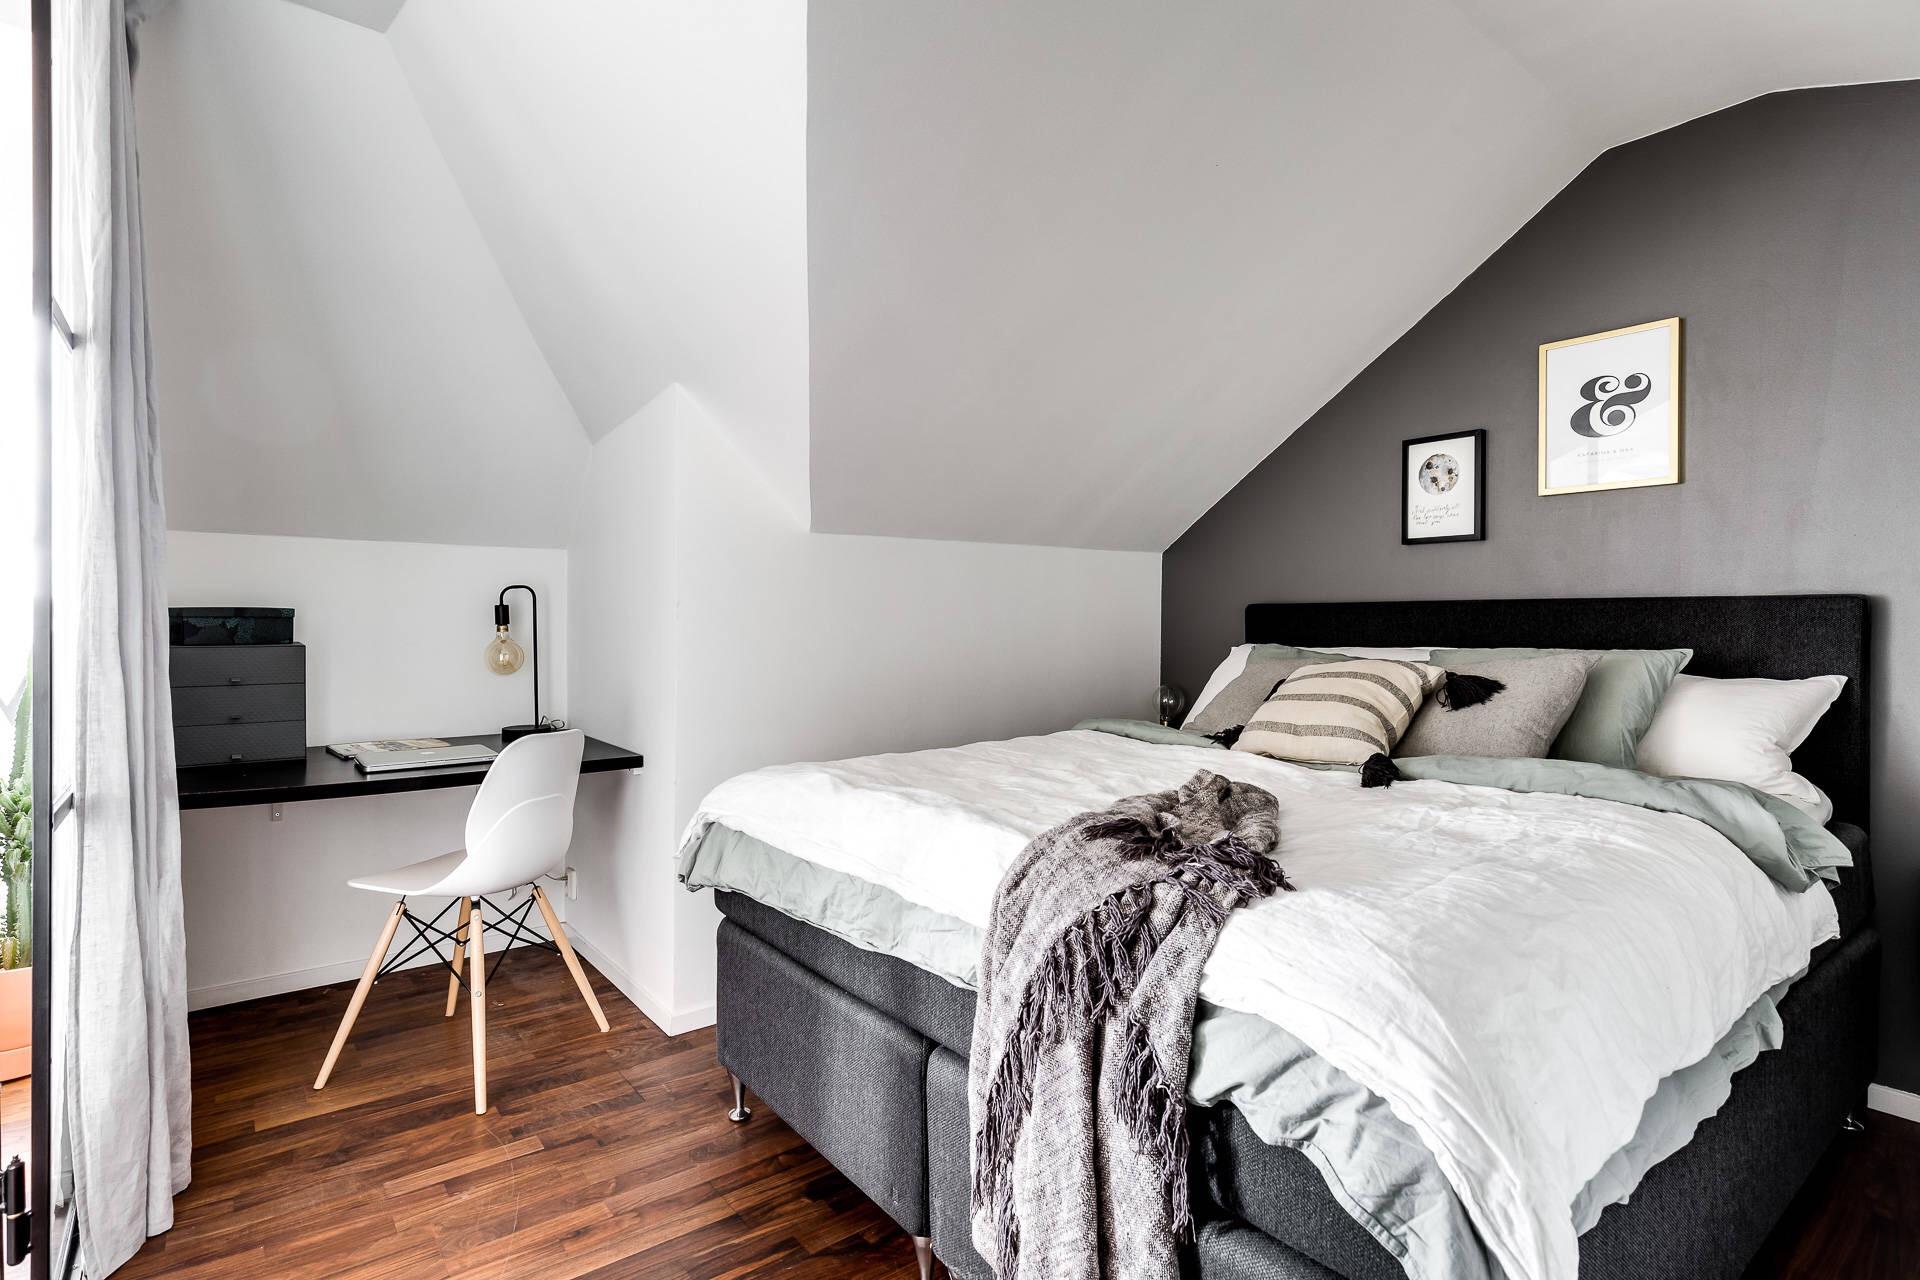 мансарда спальня кровать изголовье текстиль подушки рабочее место